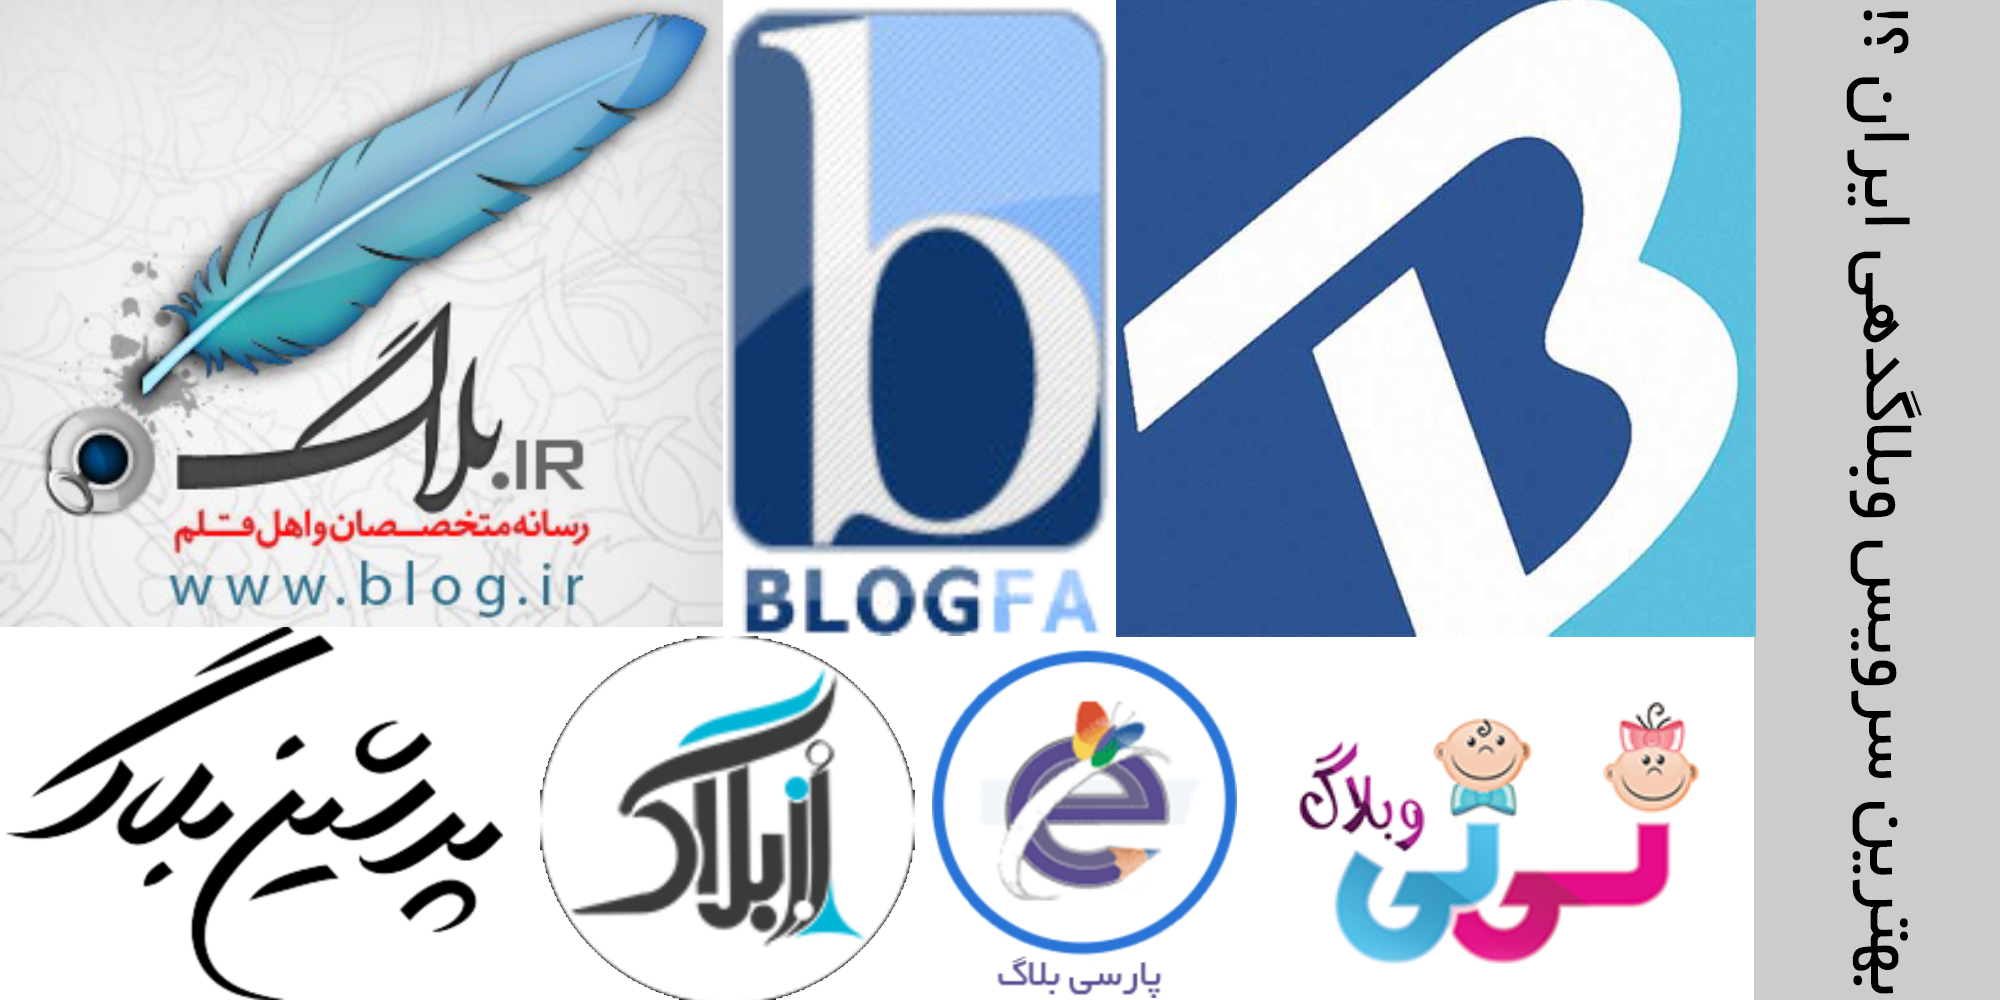 بهترین سرویس بلاگدهی ایران؟!